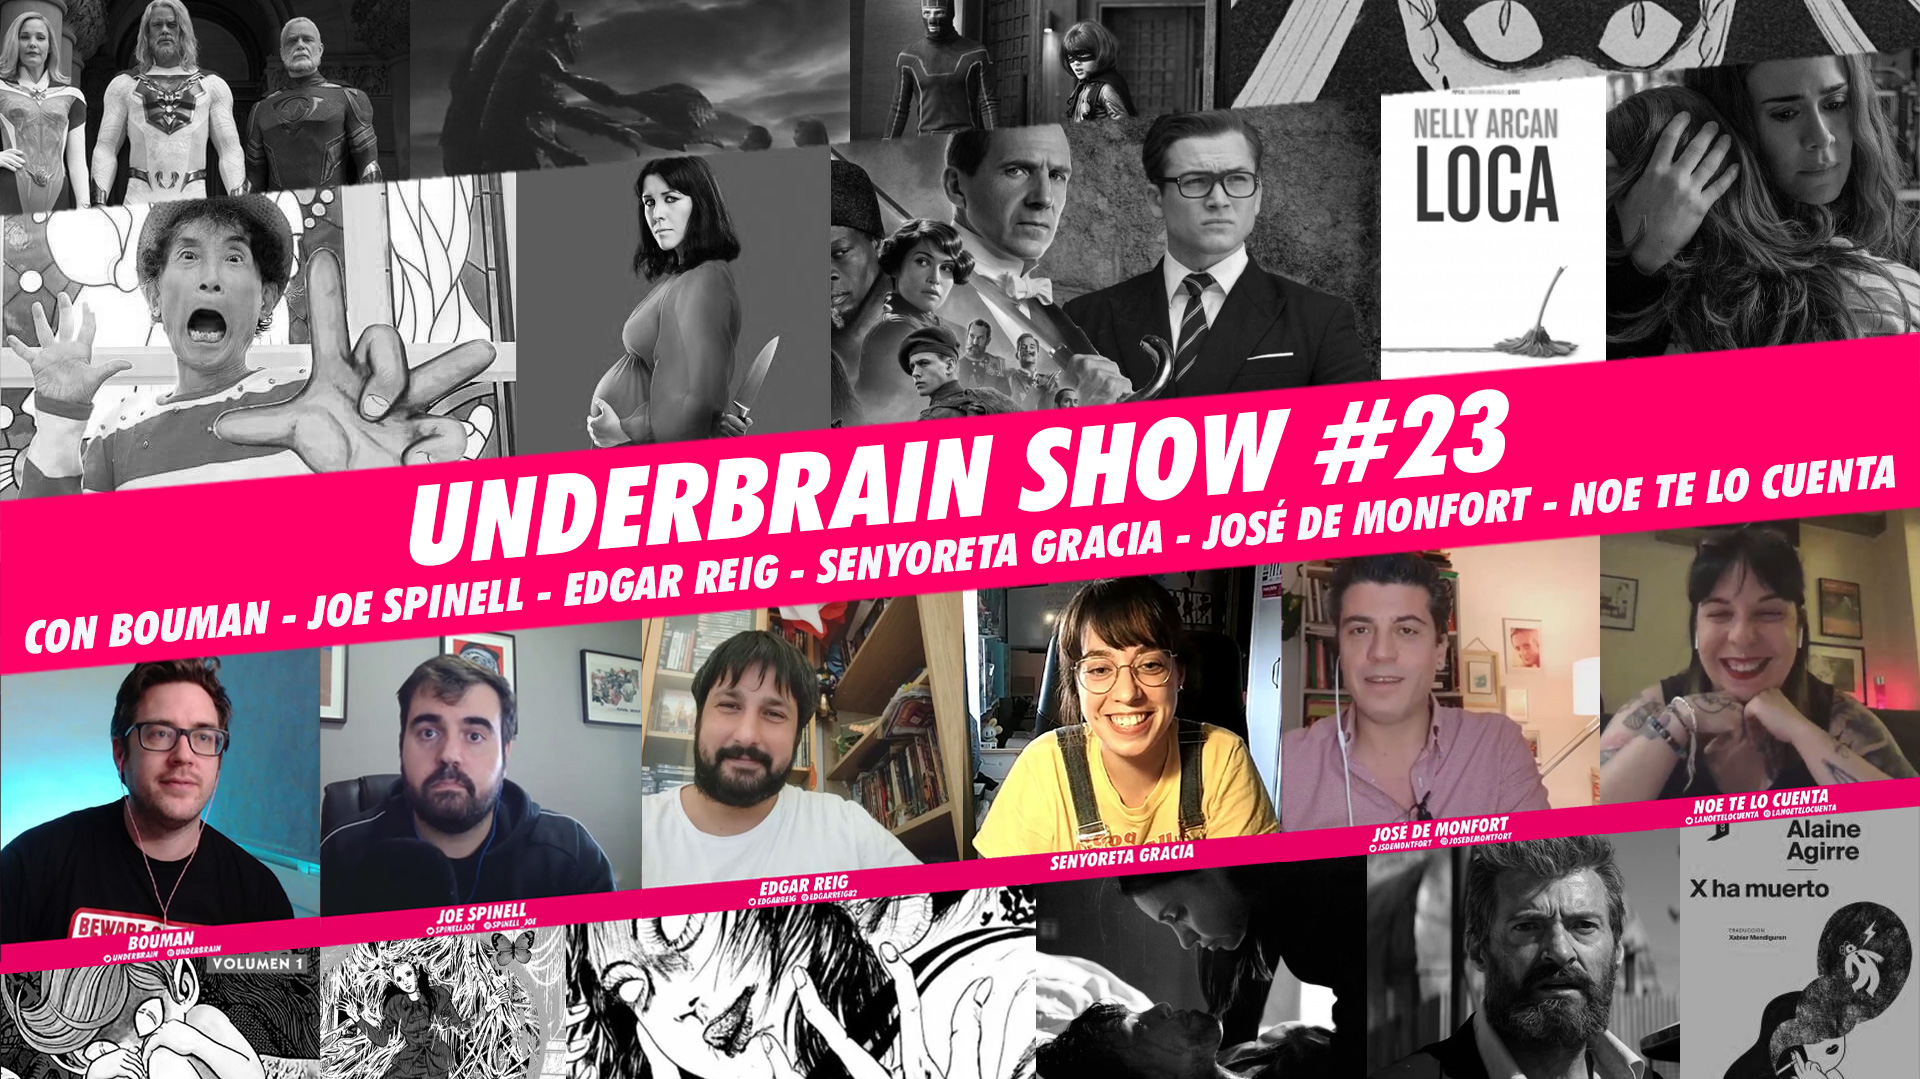 Underbrain Show #23